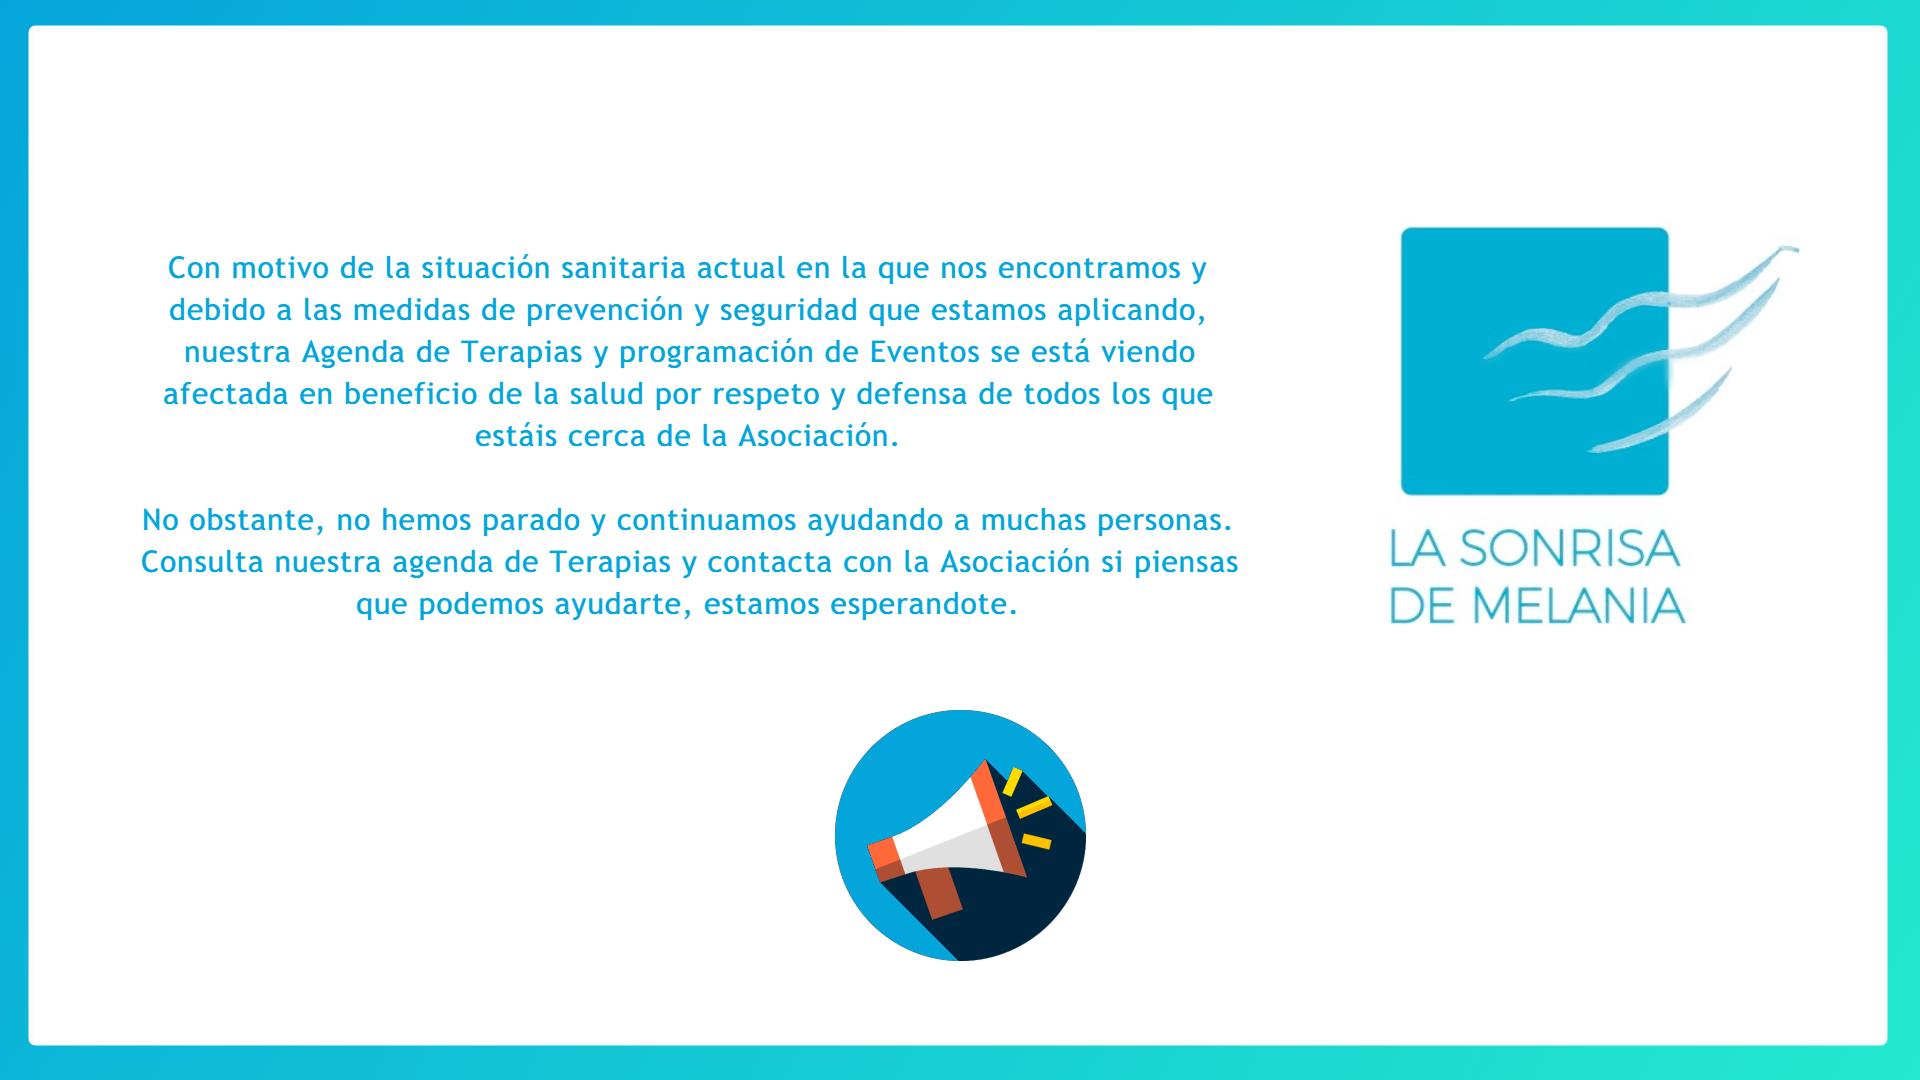 LSdM - Comunicado Covid-19